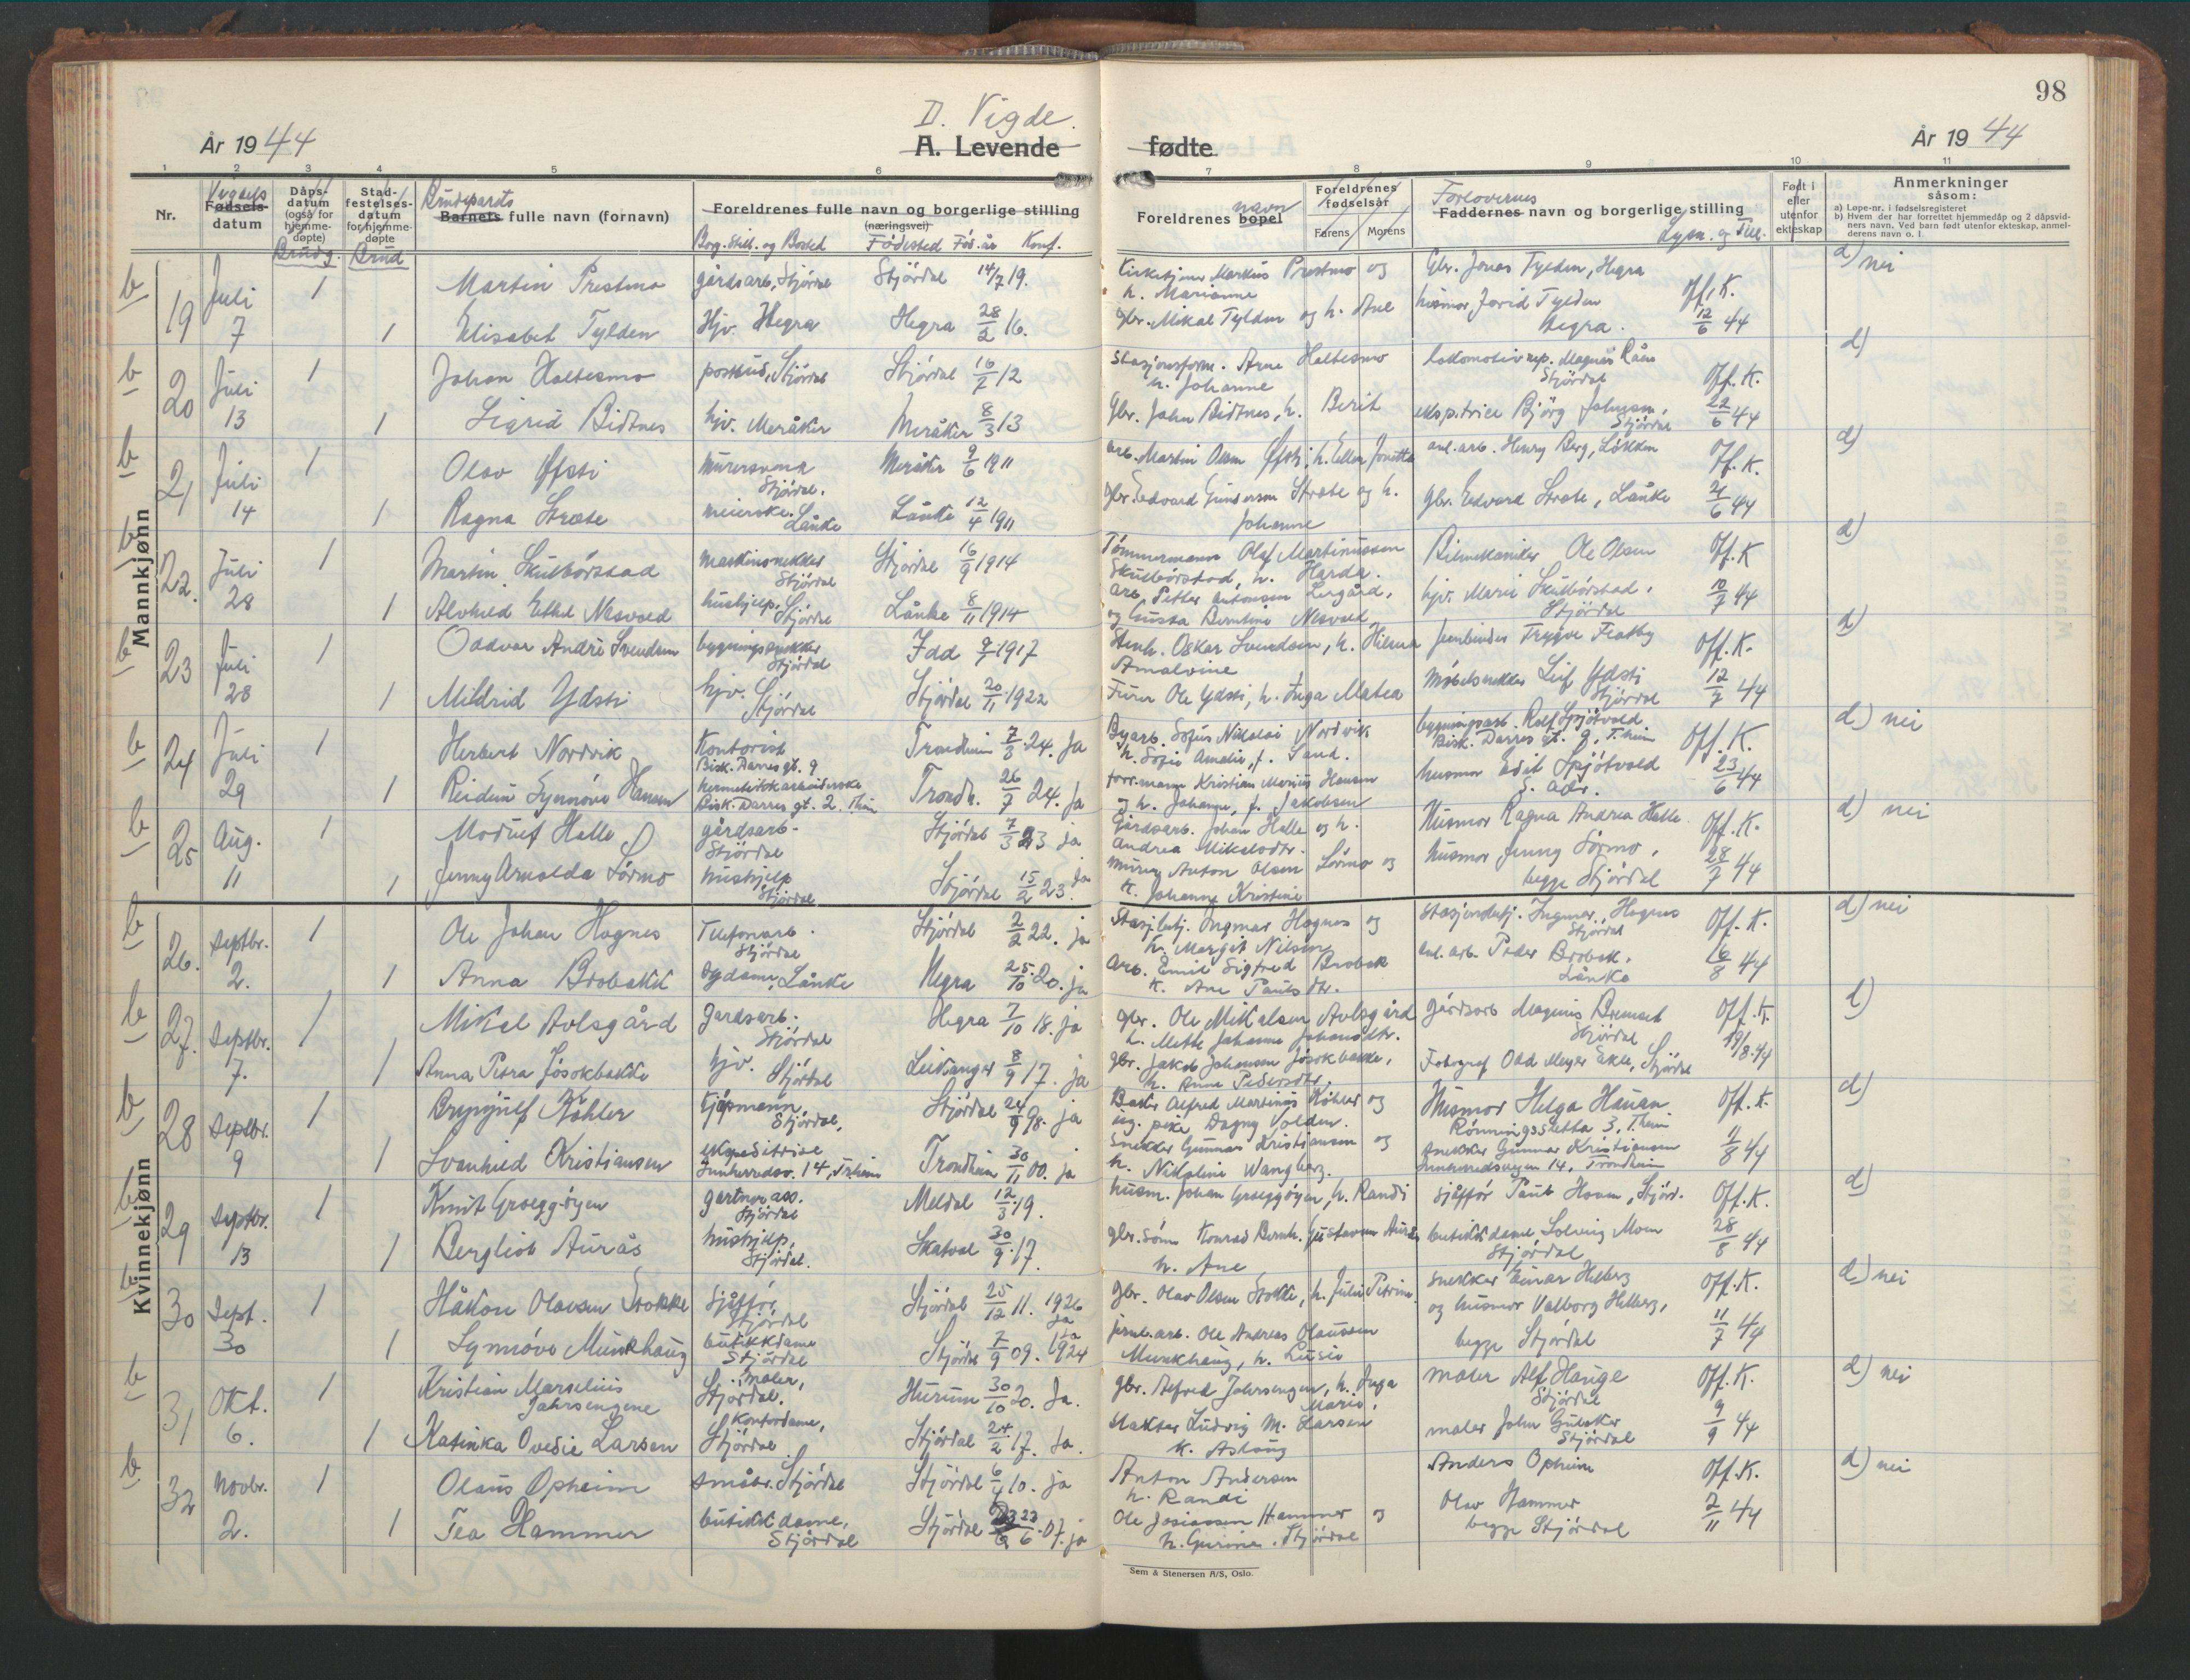 SAT, Ministerialprotokoller, klokkerbøker og fødselsregistre - Nord-Trøndelag, 709/L0089: Klokkerbok nr. 709C03, 1935-1948, s. 98